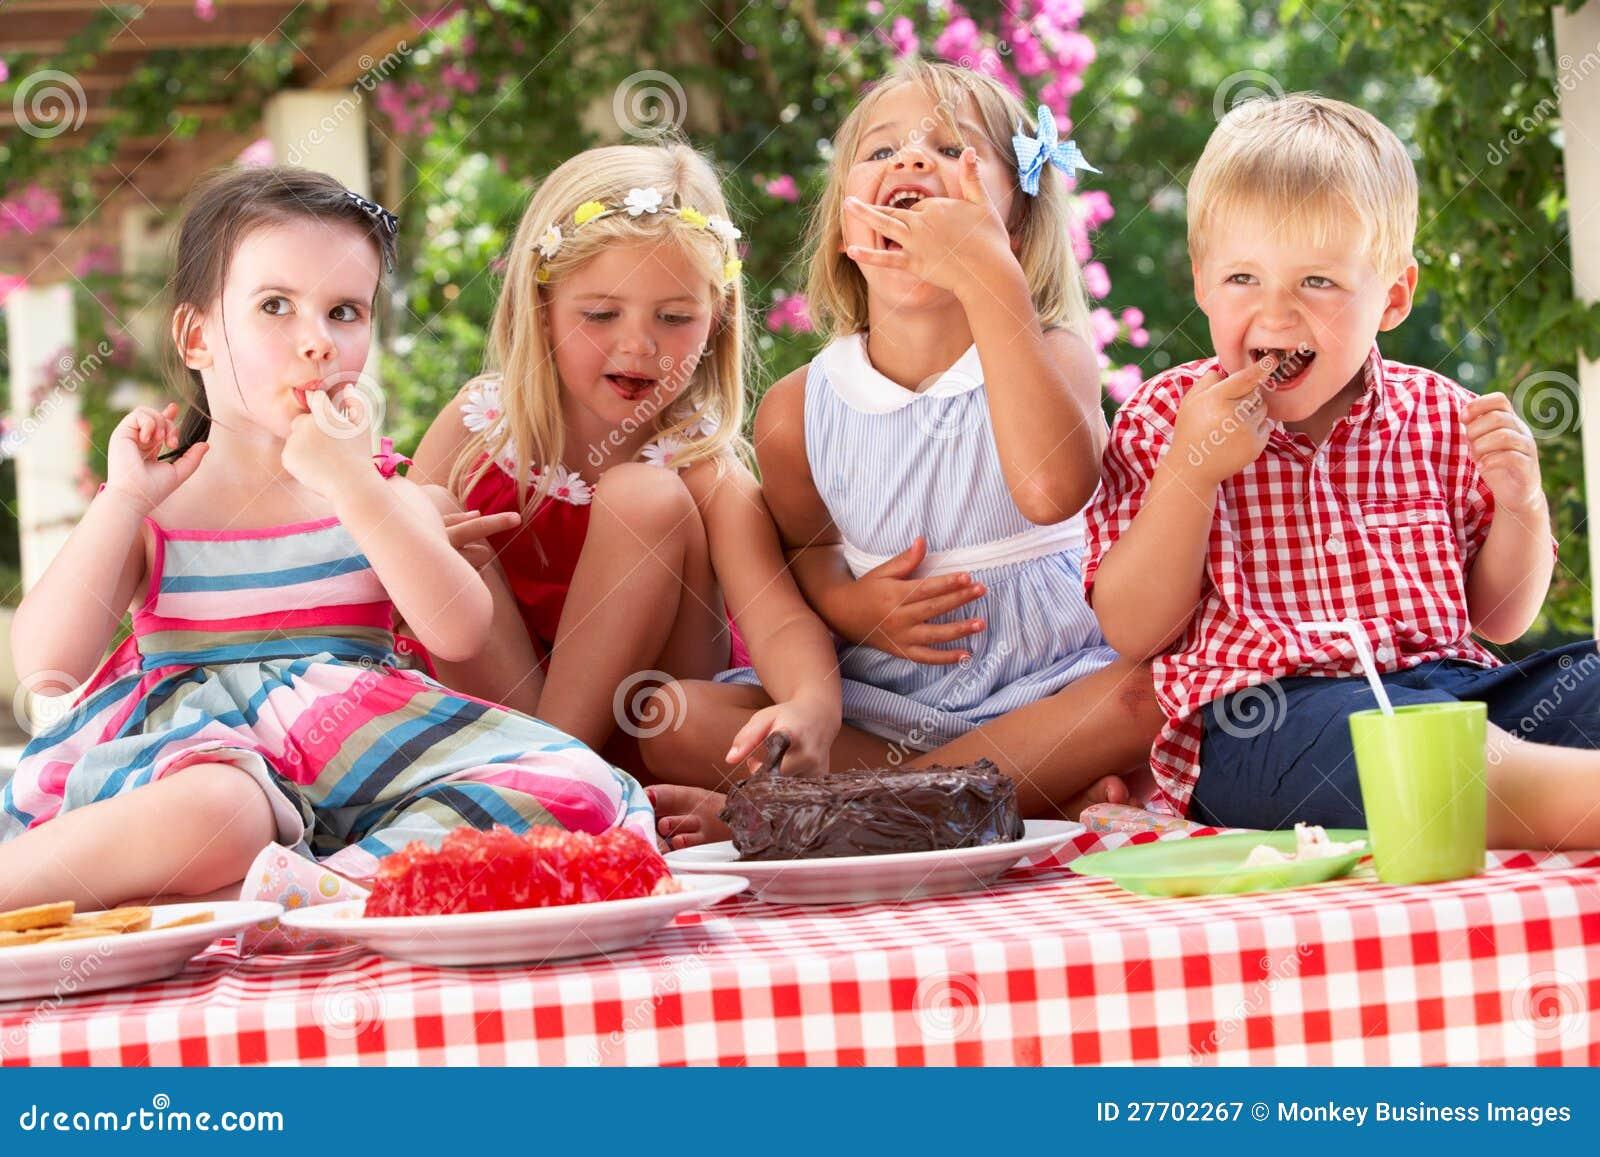 Gruppe Kinder Die Kuchen An Der Im Freientee Party Essen Stockbild